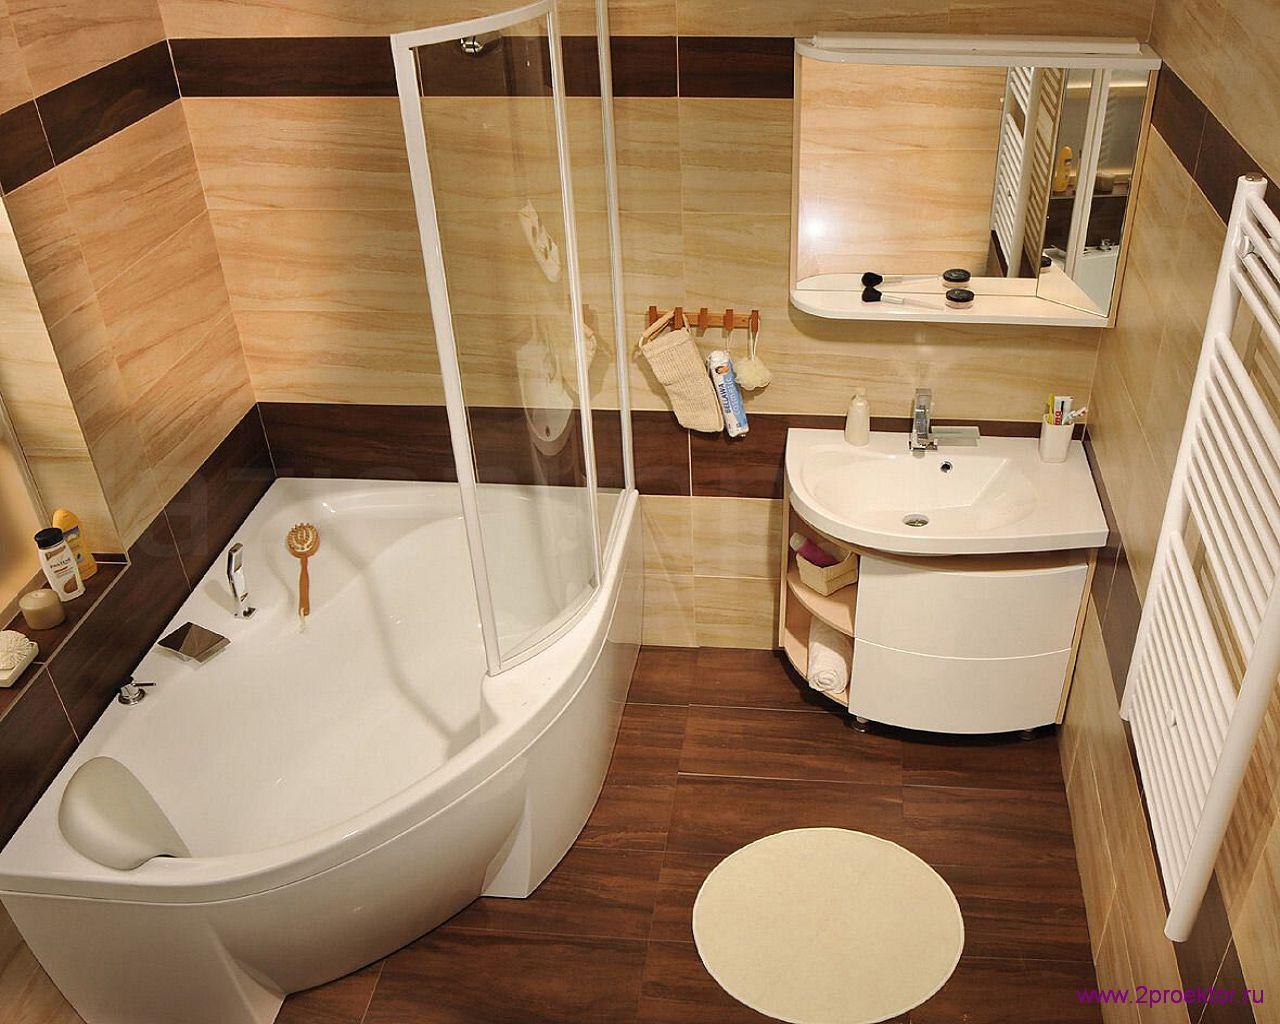 Уютный дизайн ванной комнаты в Жилом комплексе Корона.